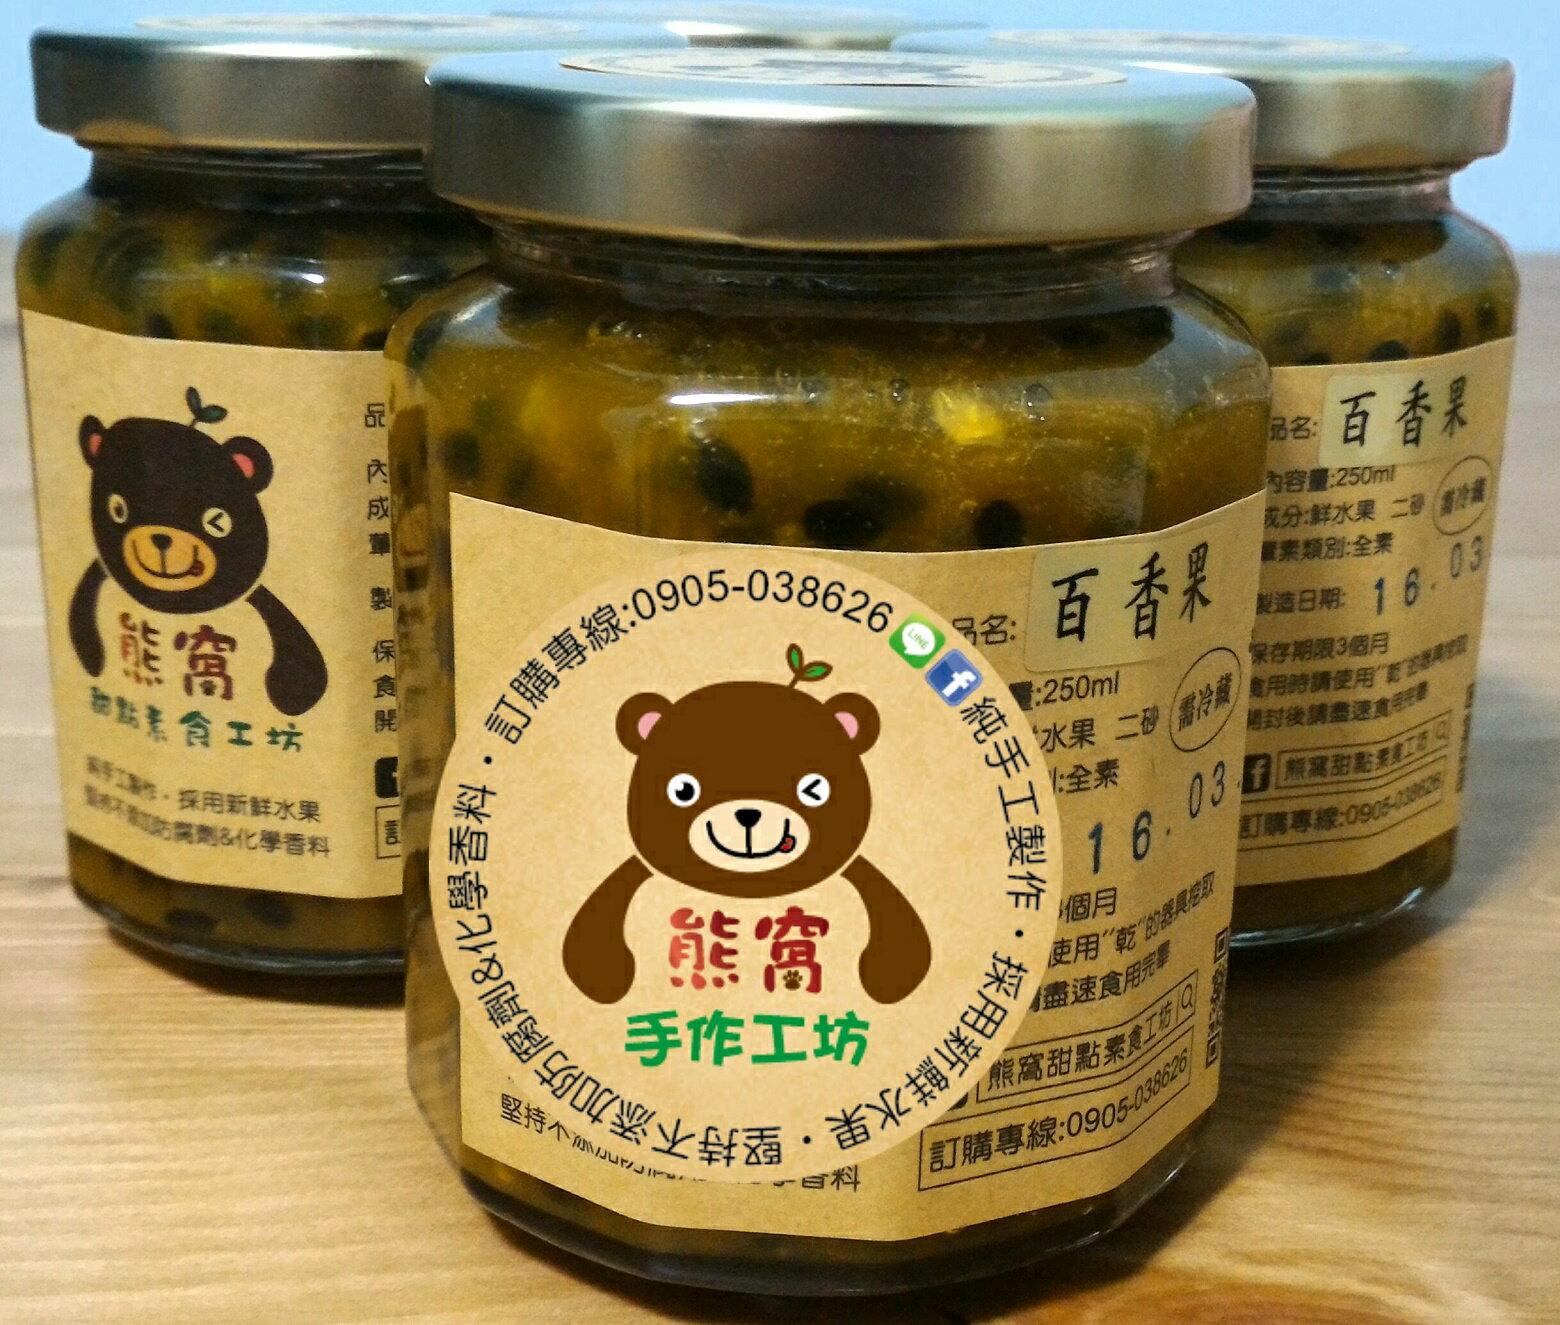 熊窩手作工坊-堅持純手工製作~100%原汁原味~百香果鮮水果醬~特價180元 4